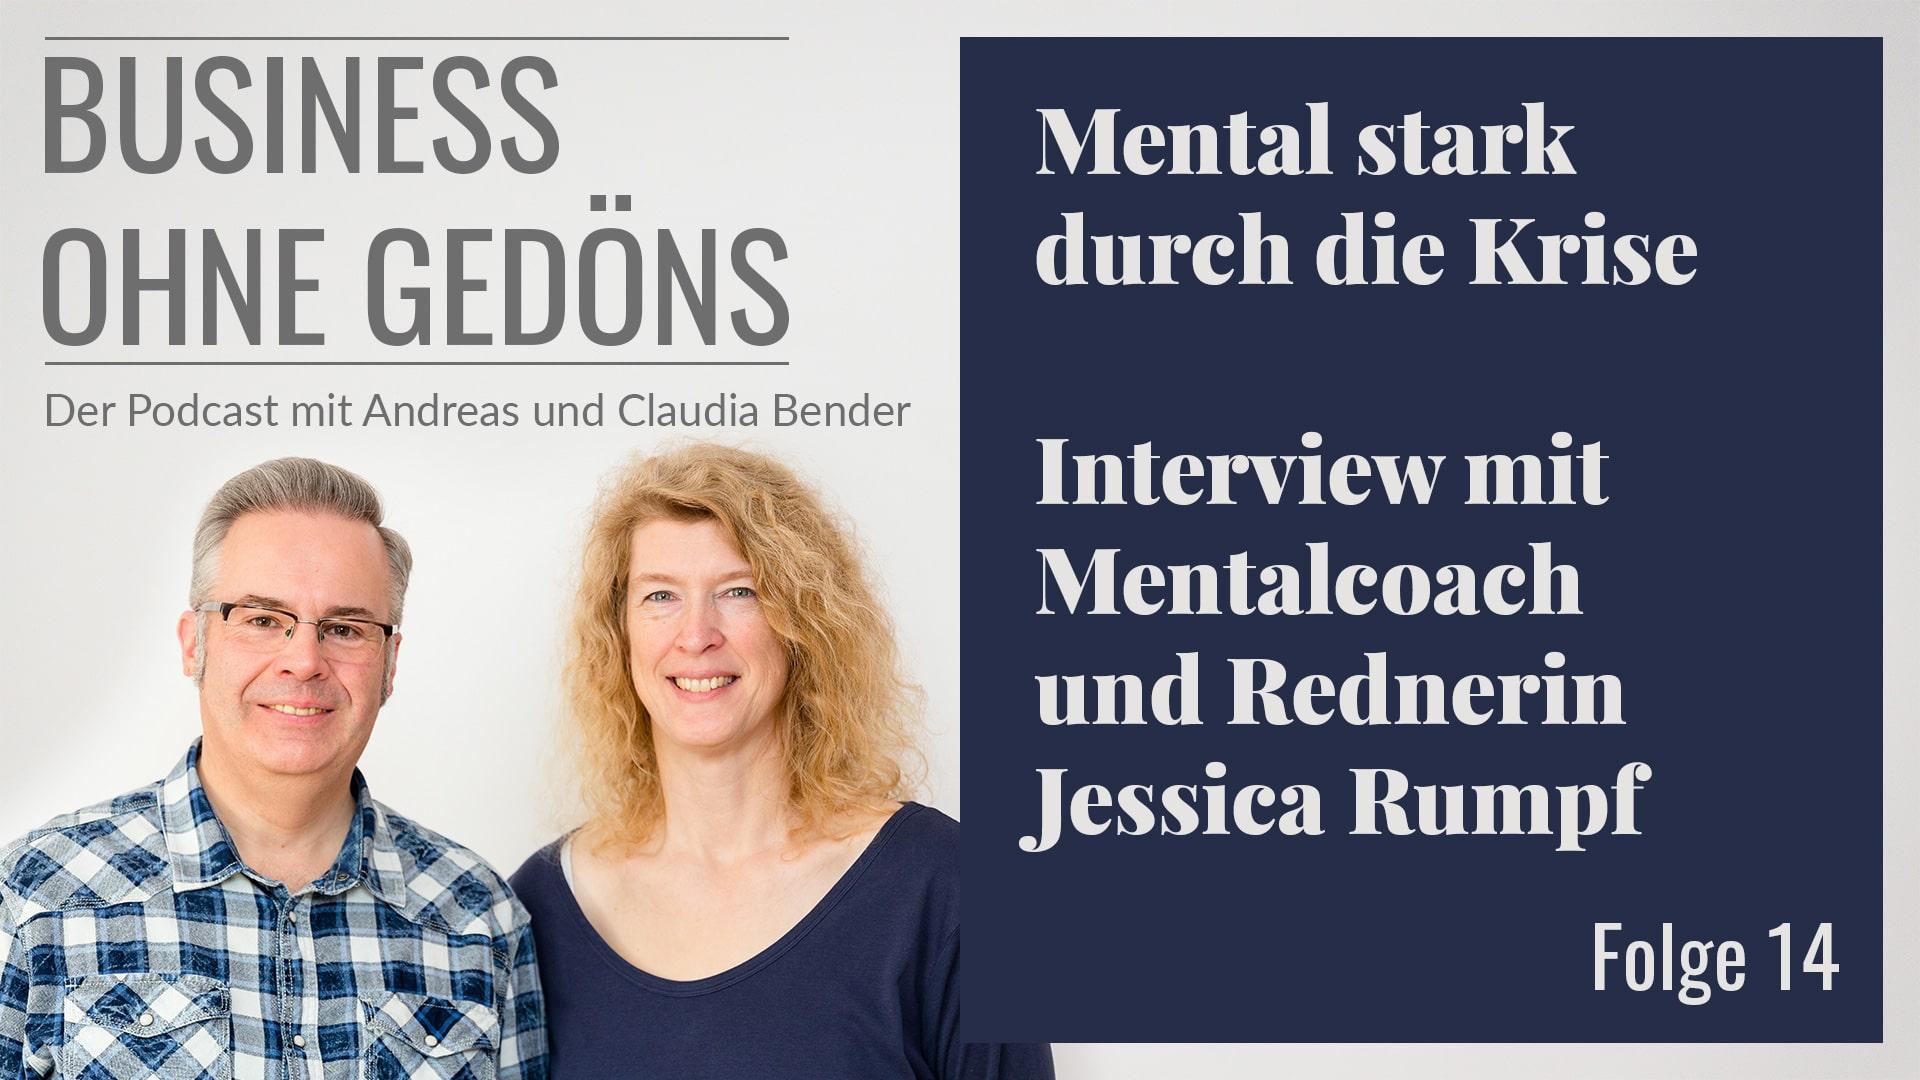 """BOG 014 – """"Mental stark durch die Krise"""" mit Mental Coach und Rednerin Jessica Rumpf"""